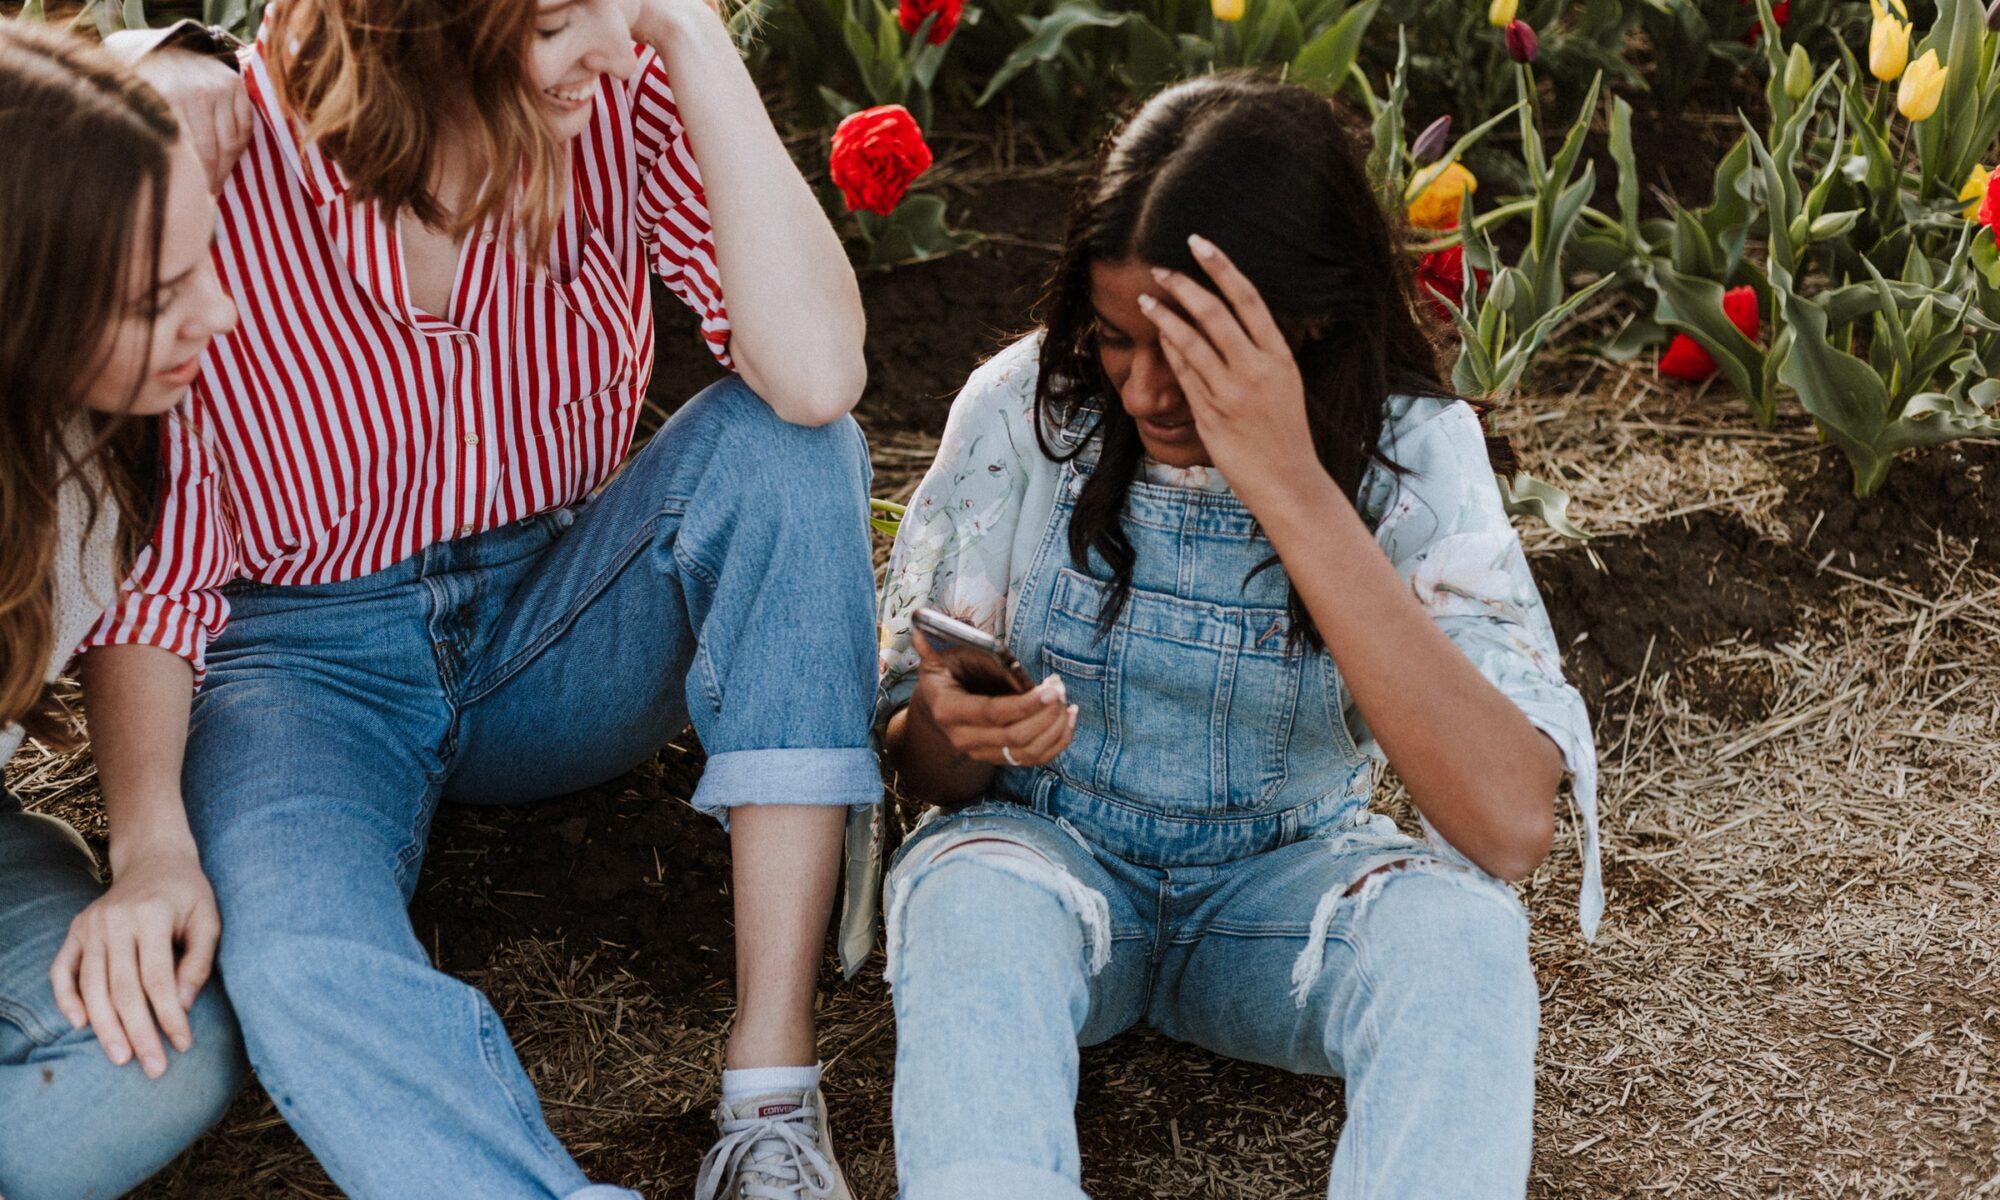 Kaksi tyttöä katsoo, kun kolmas käyttää puhelintaan